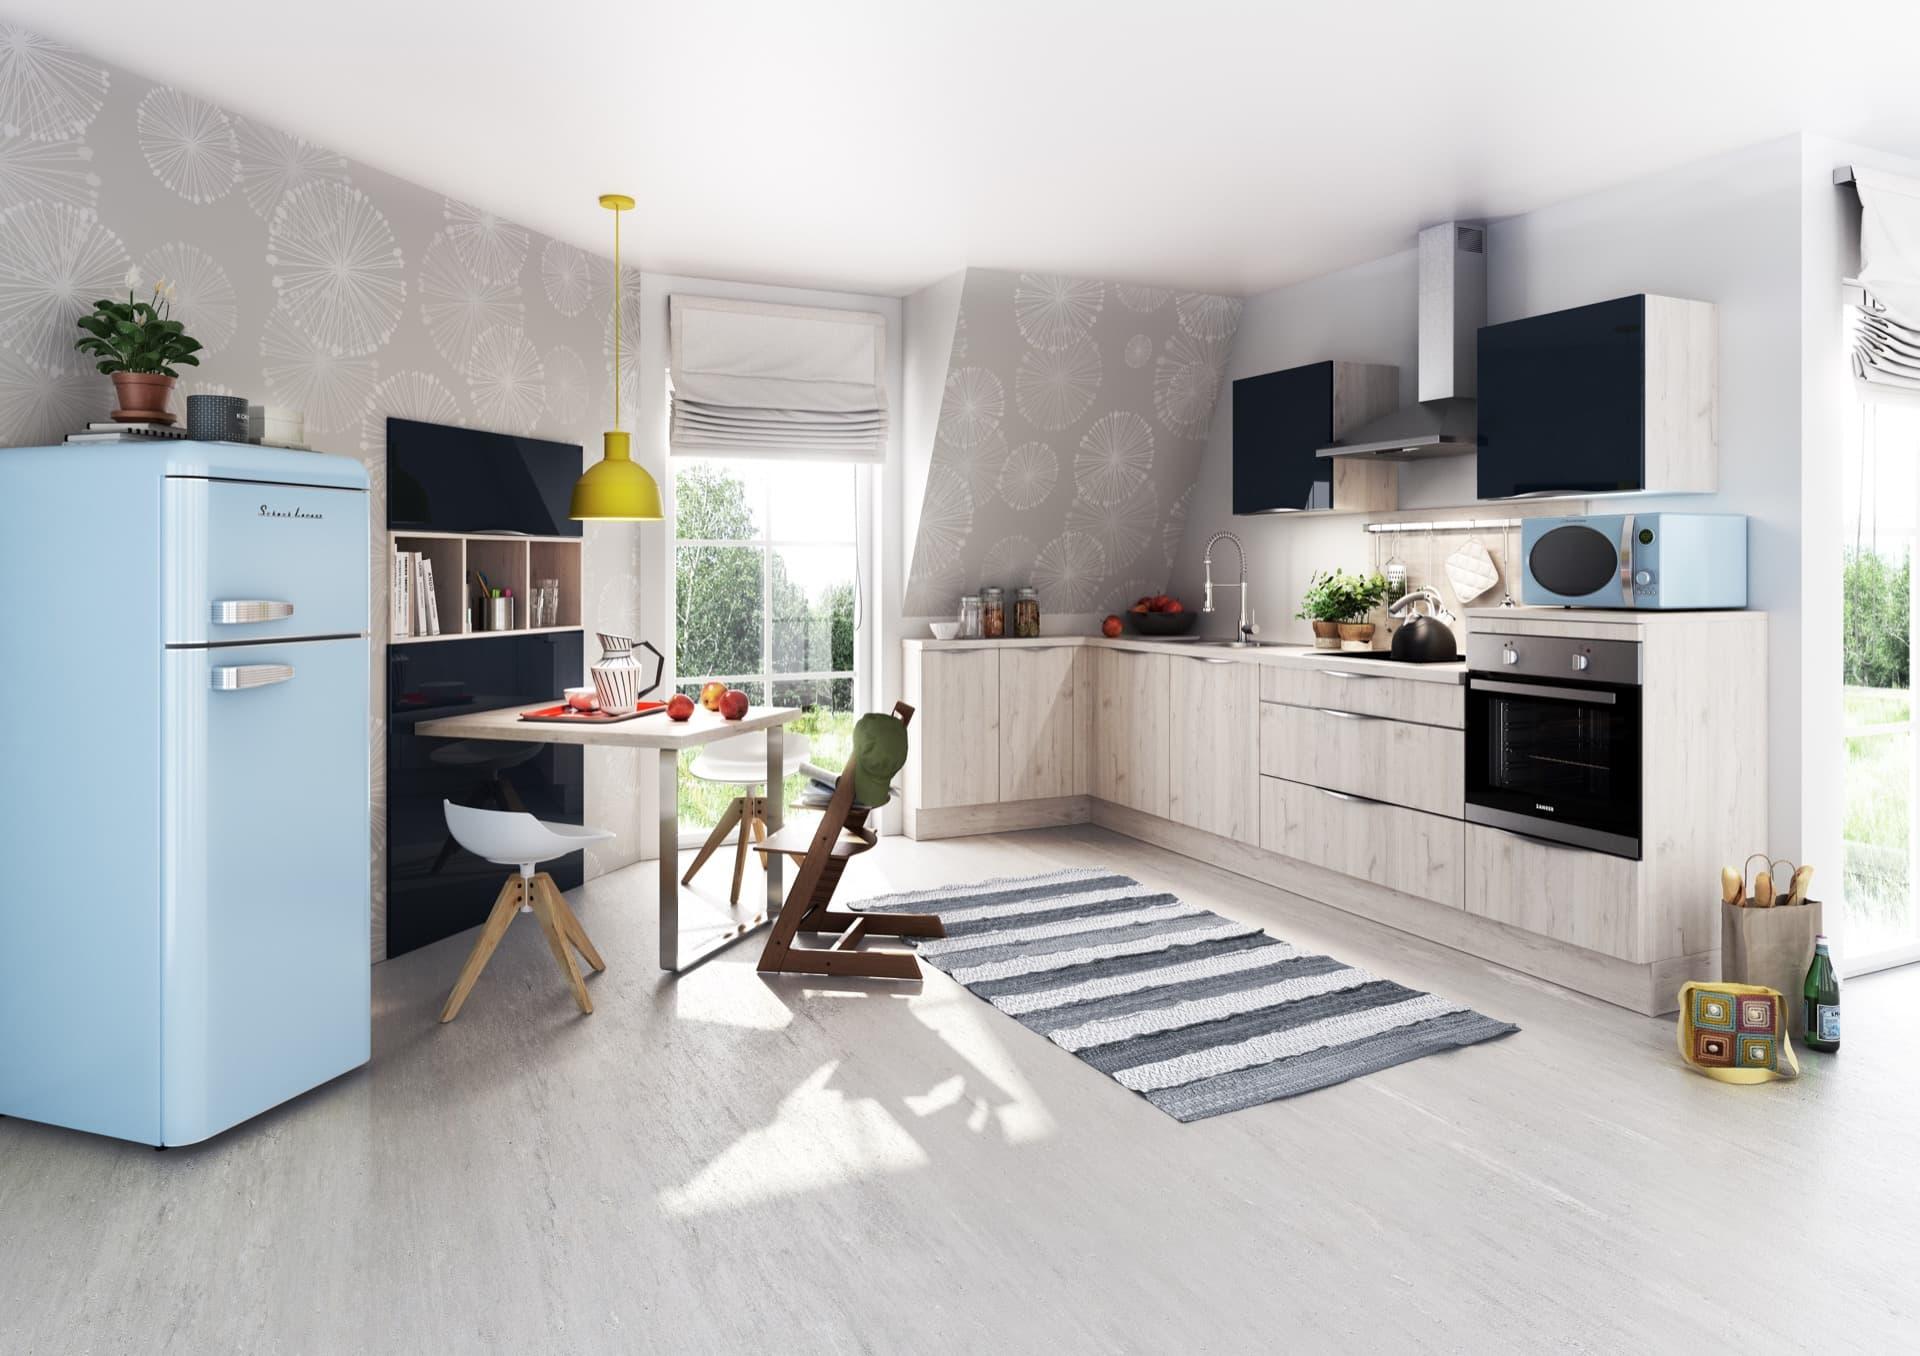 Moderne kuche asthetik funktionalitat for Die moderne kuche ottobrunn